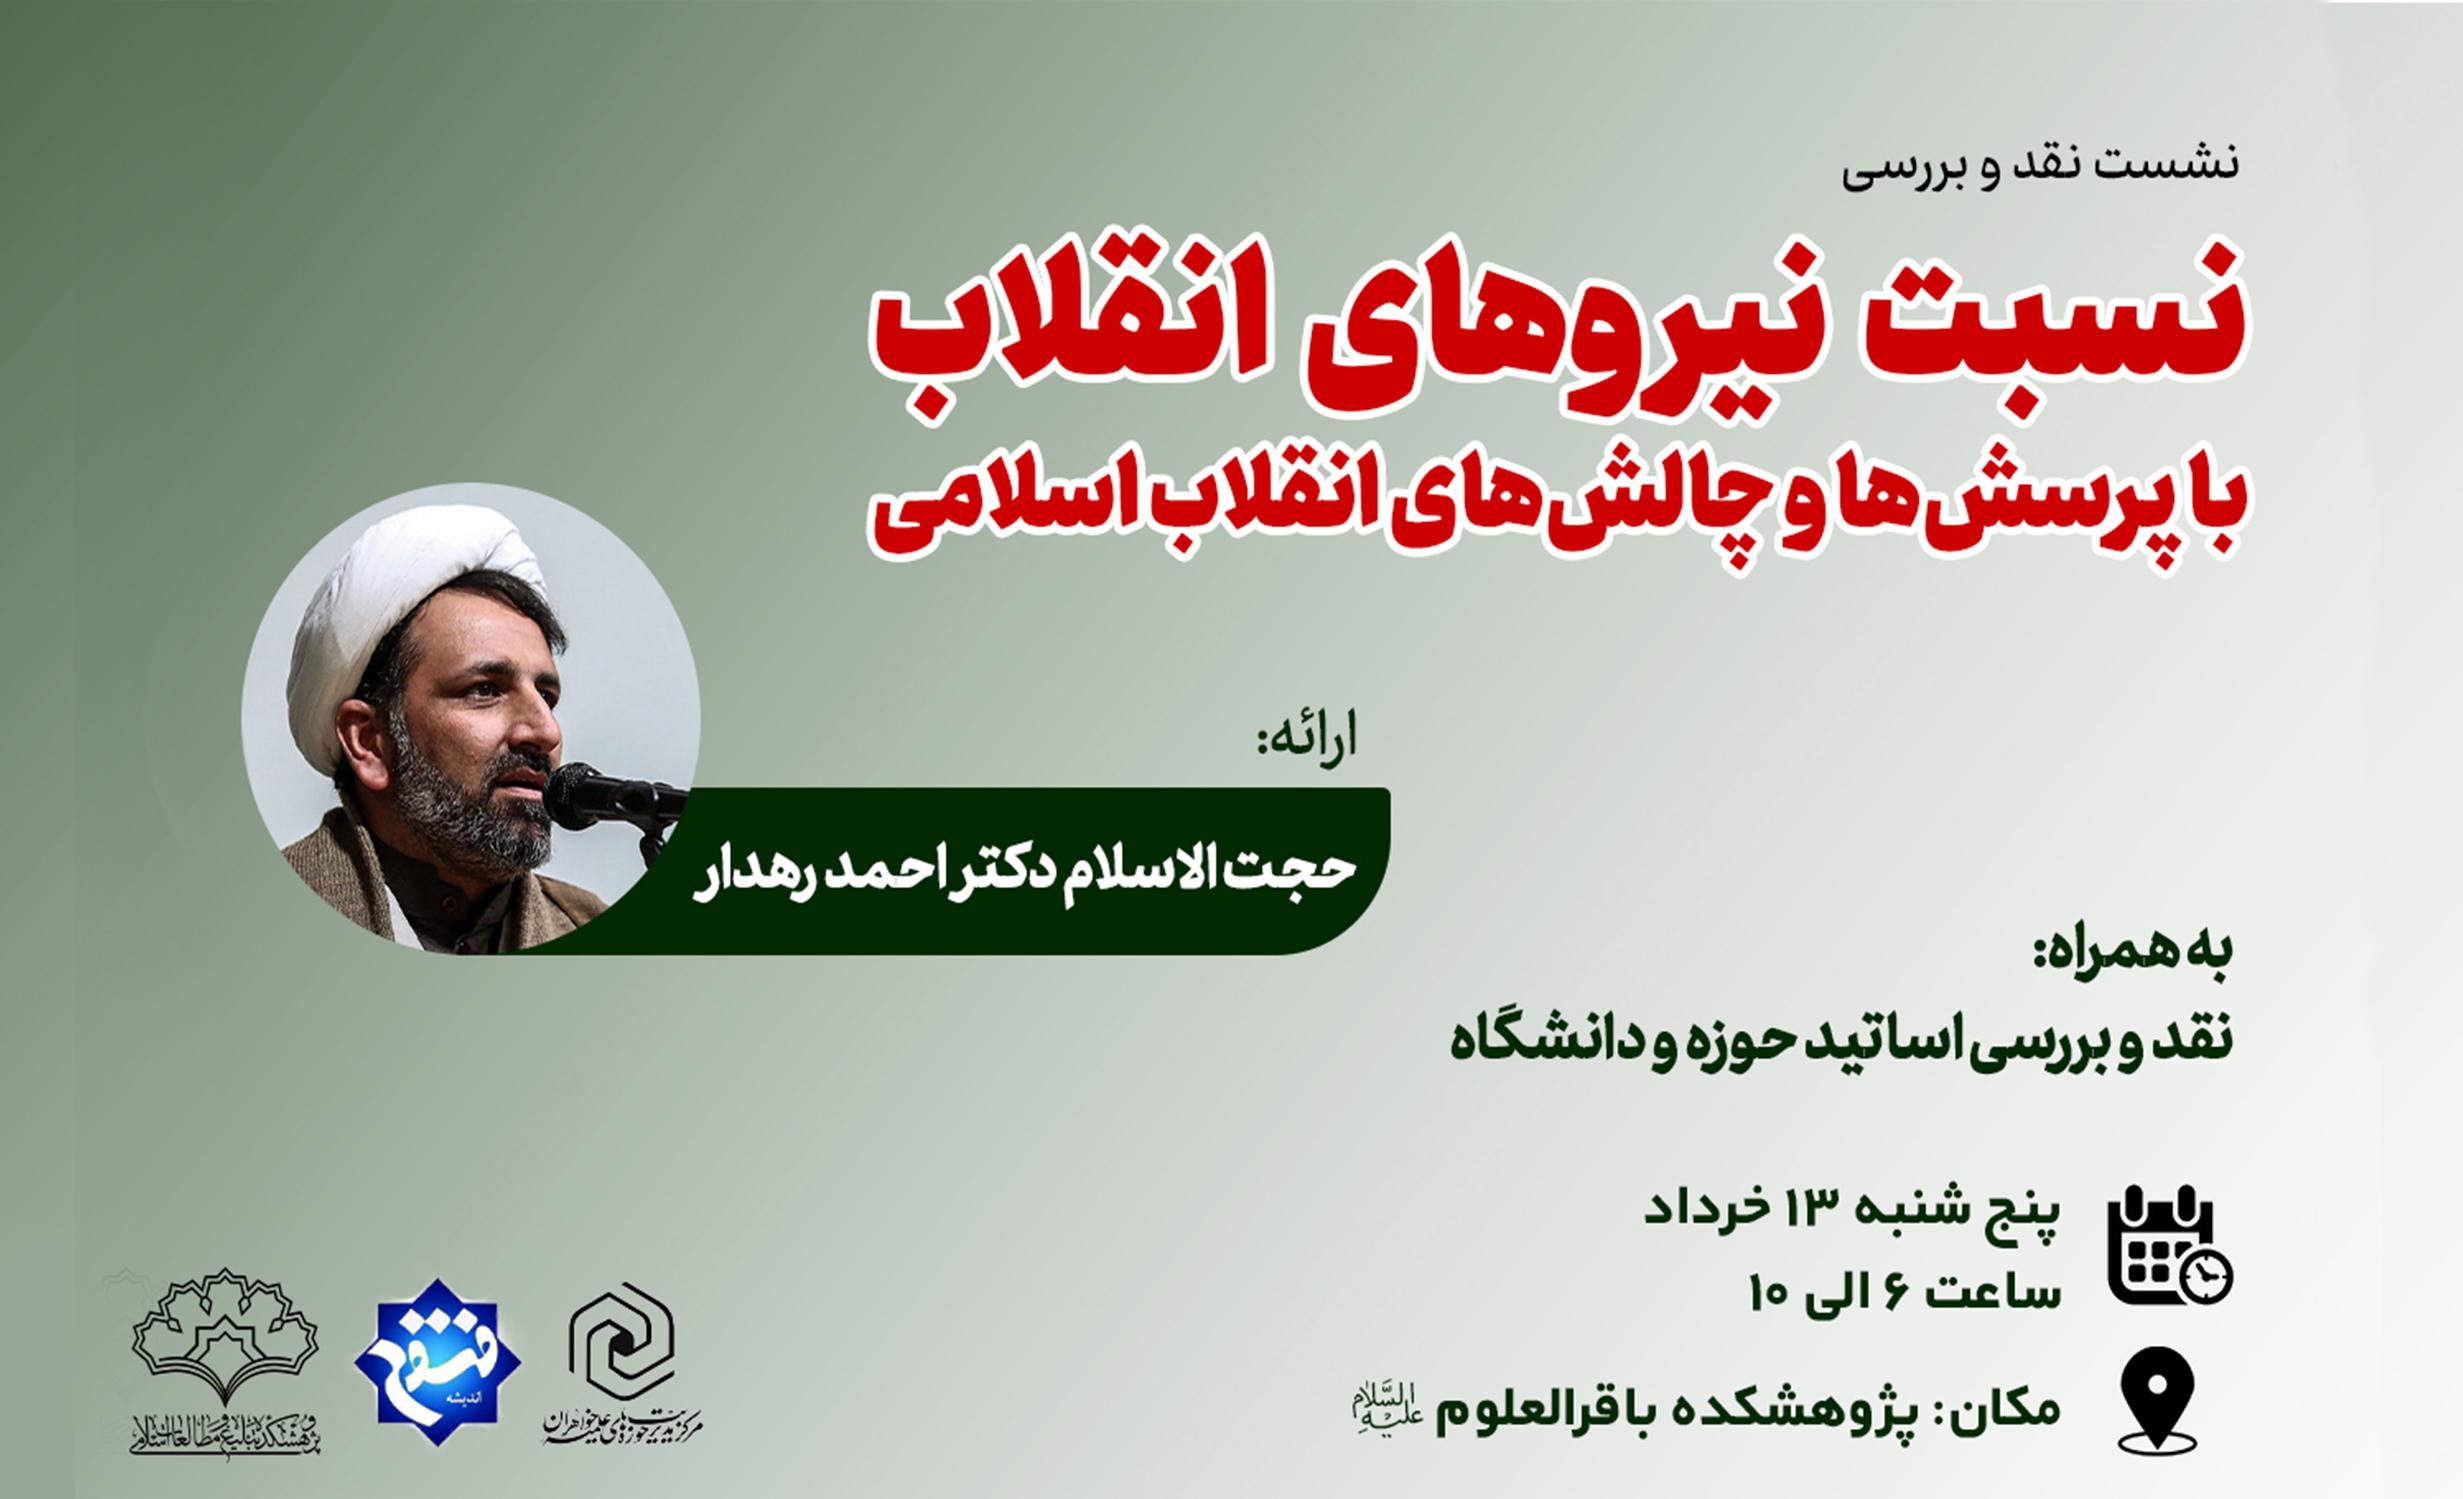 نشست نقد و بررسی  نسبت نیروهای انقلاب با پرسشها و چالشهای انقلاب اسلامی